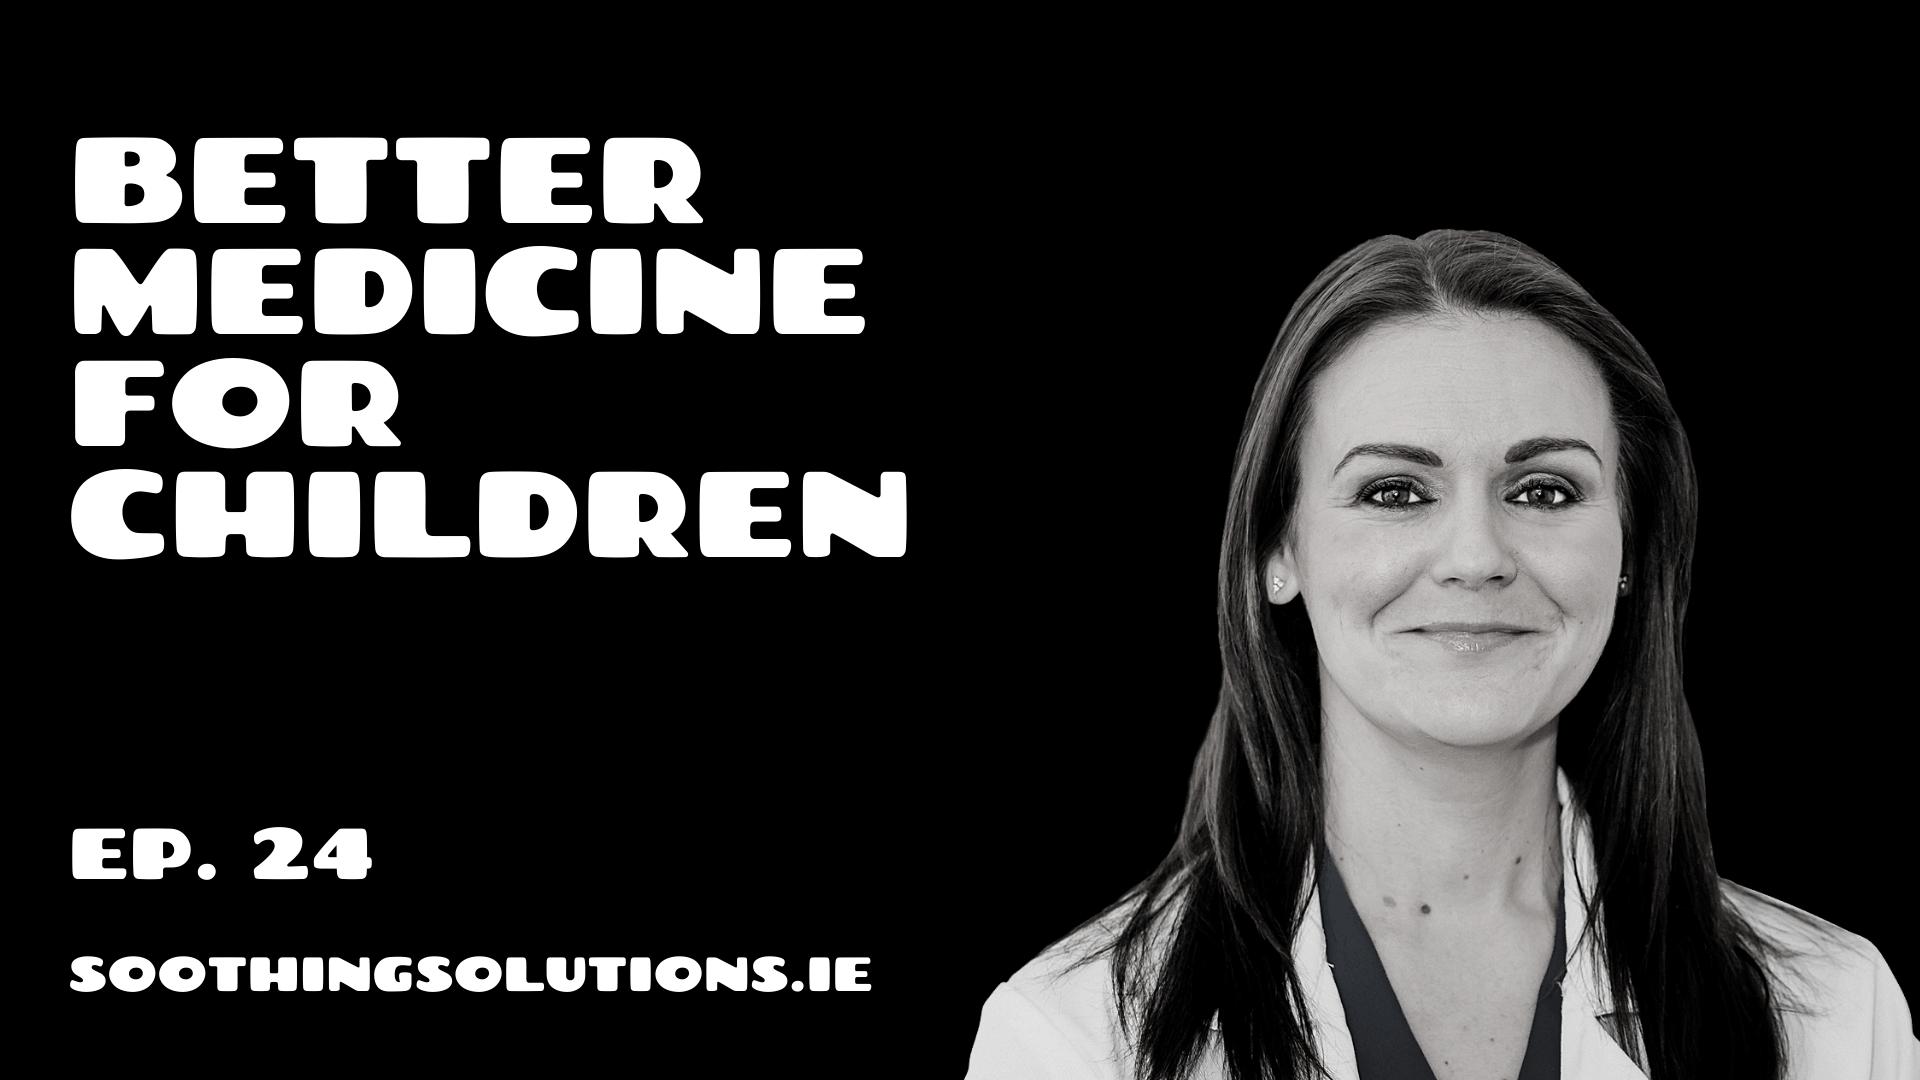 Better Medicine for Children